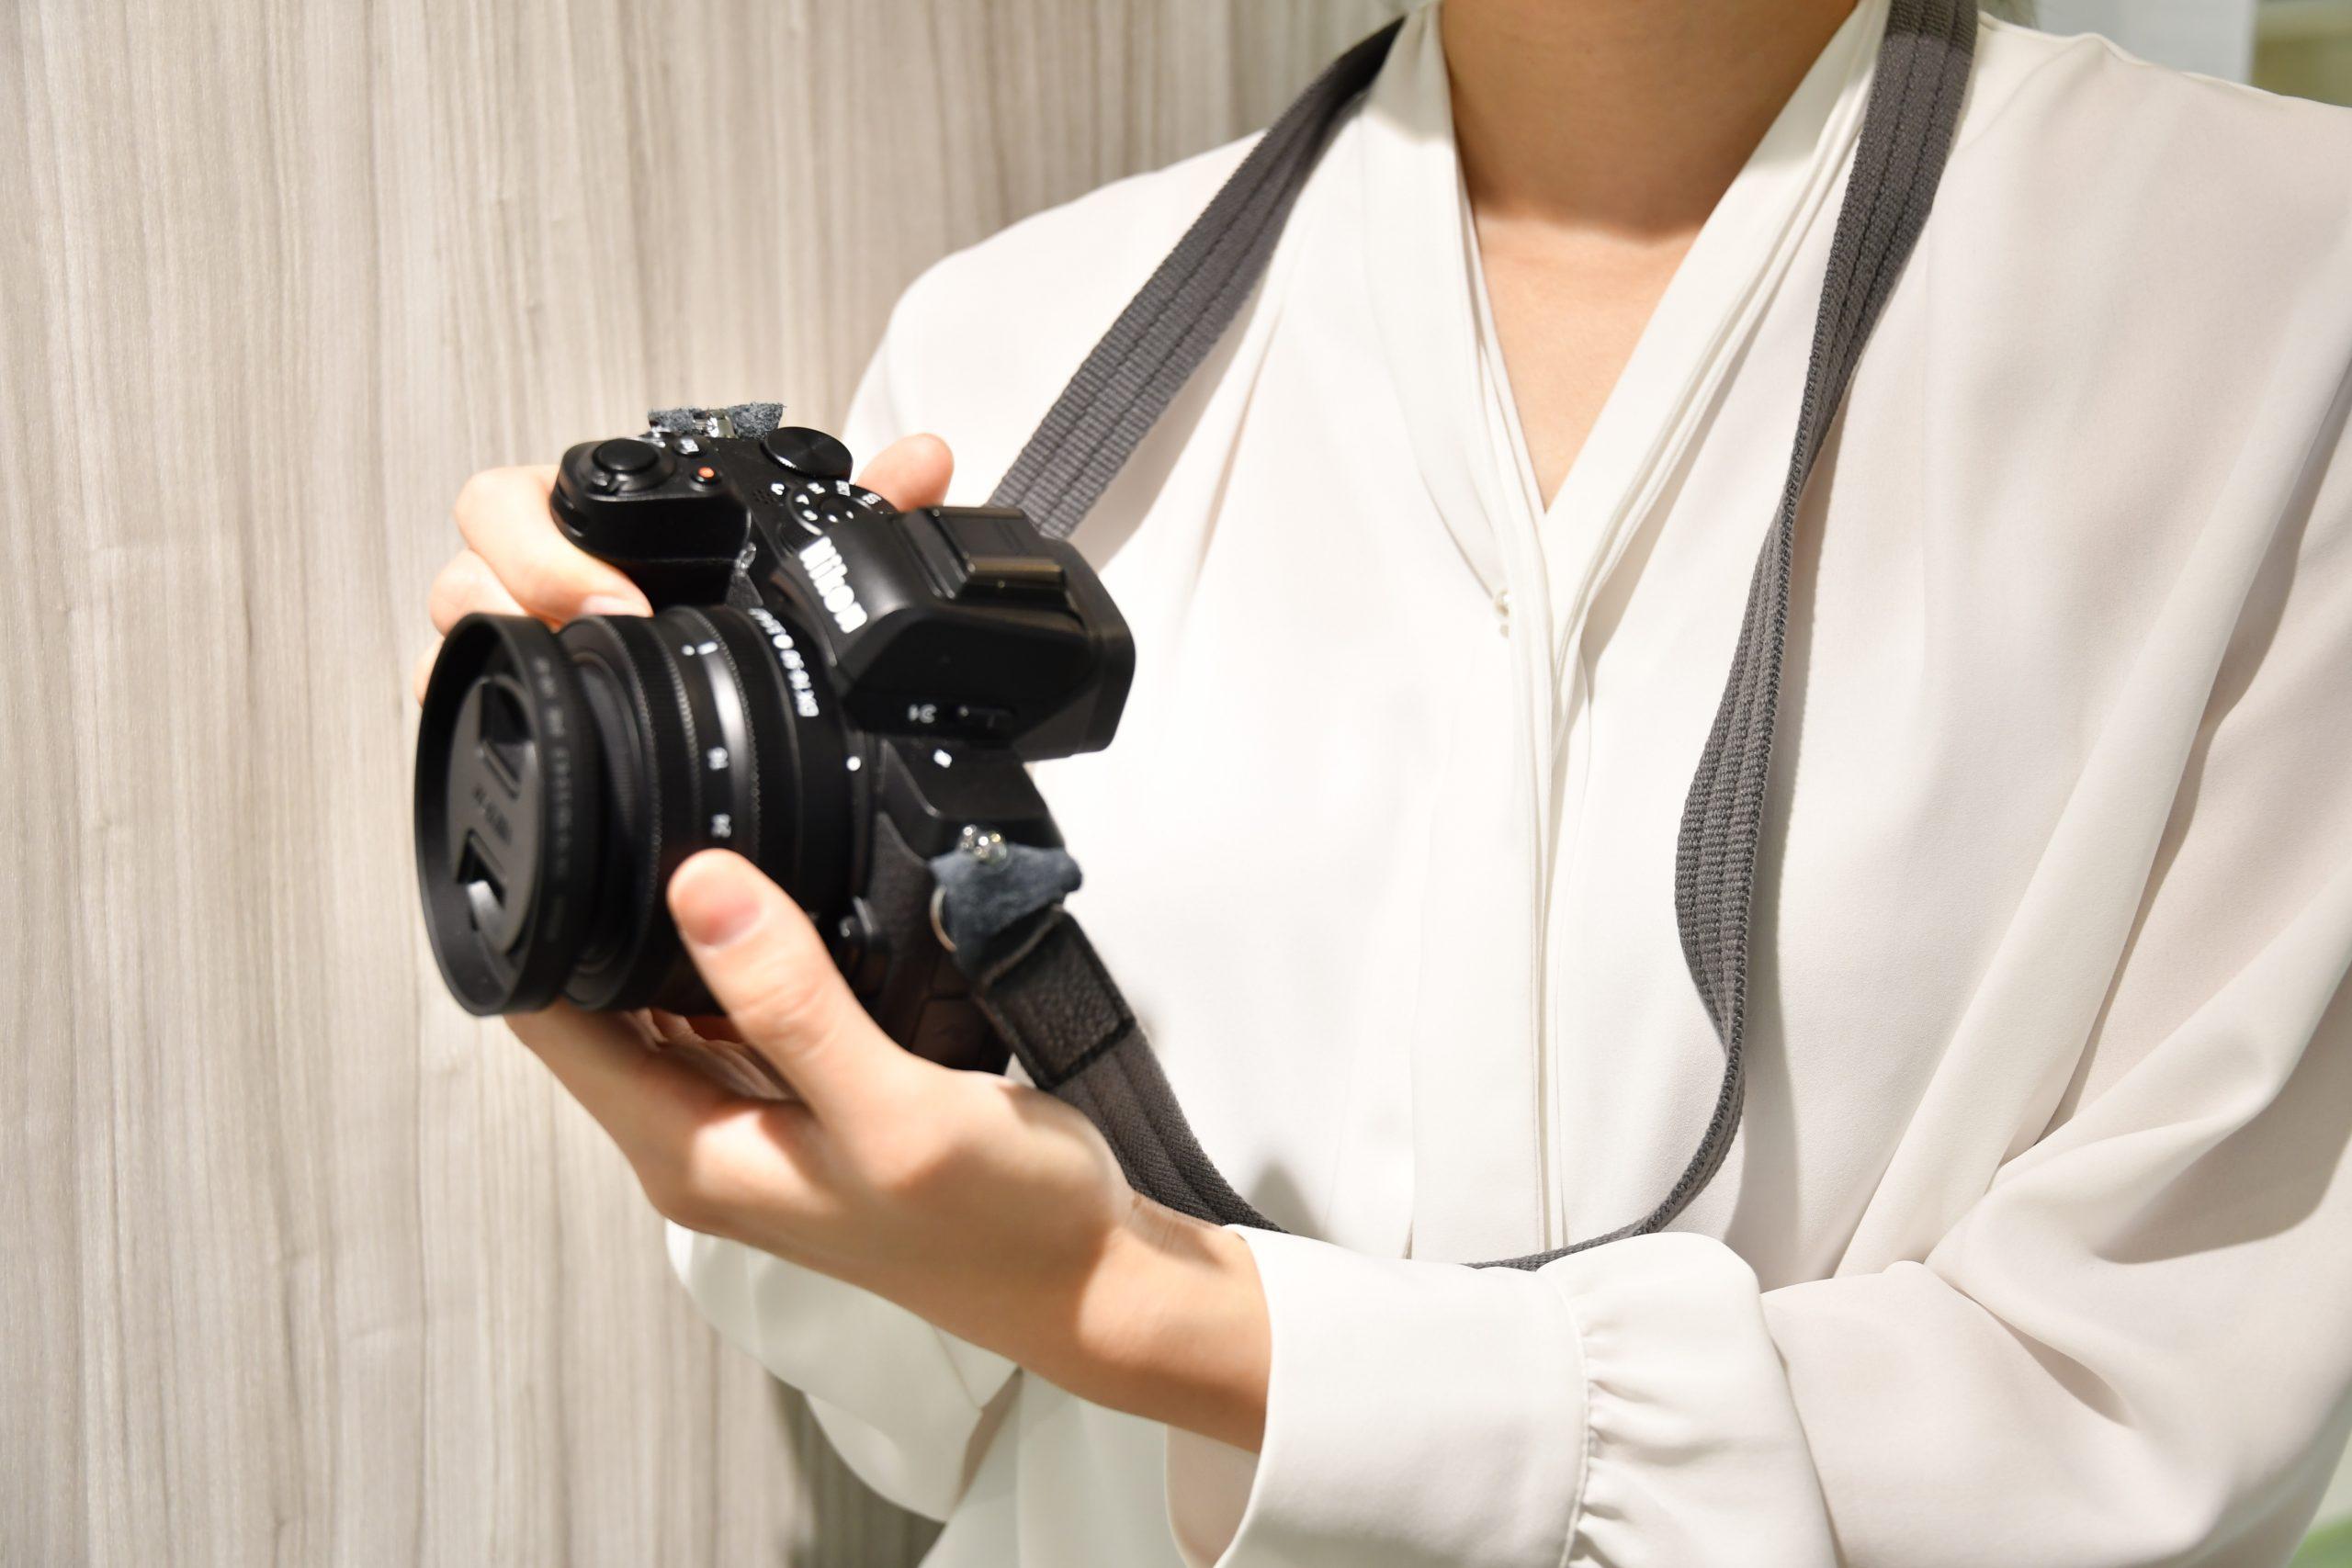 【自機一体】マップカメラスタッフこだわりの逸品 Vol.51